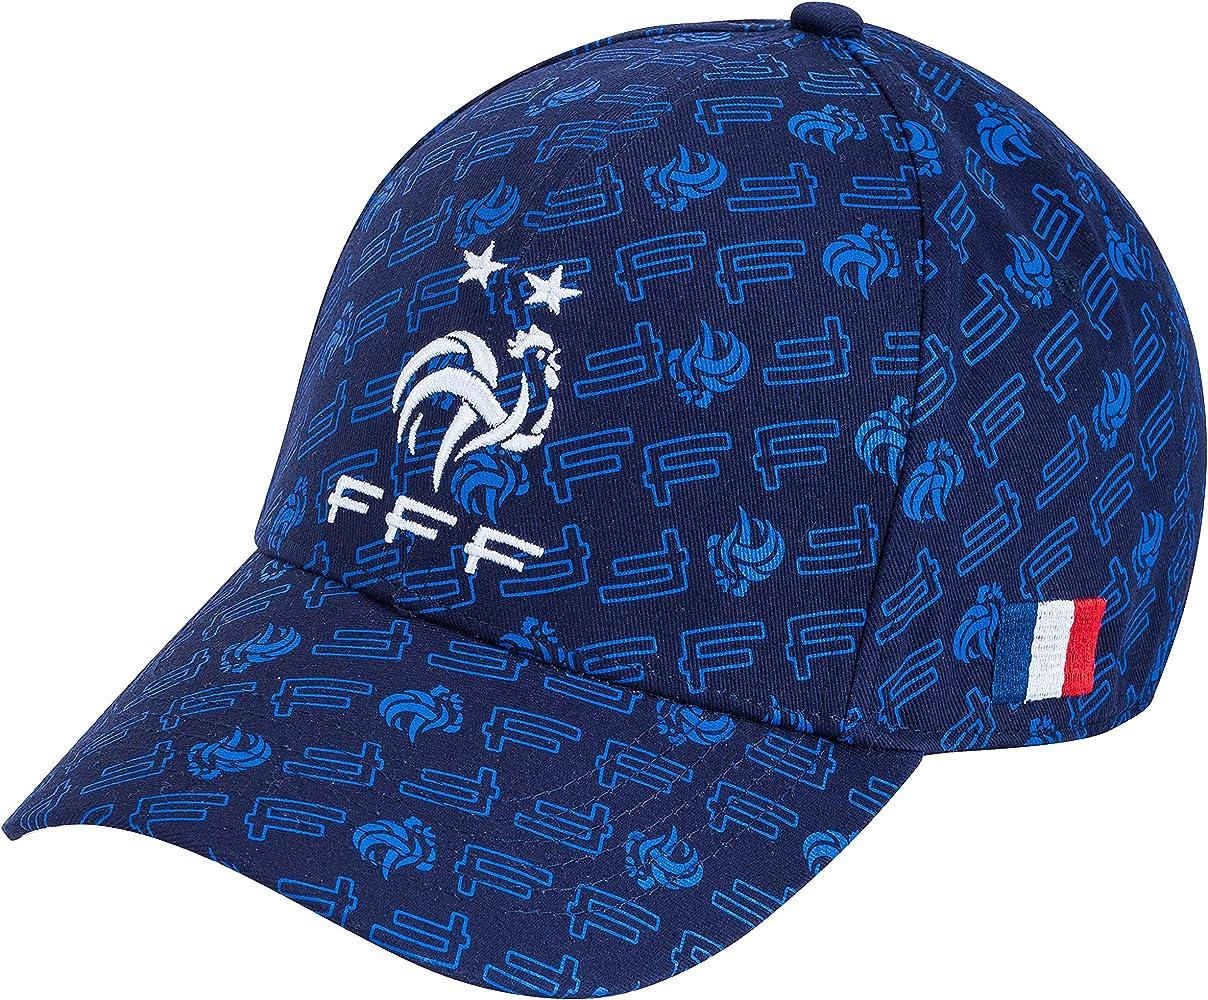 Gorra de FRANCE de Fútbol FFF, 2 estrellas, colección oficial, talla ajustable: Amazon.es: Ropa y accesorios